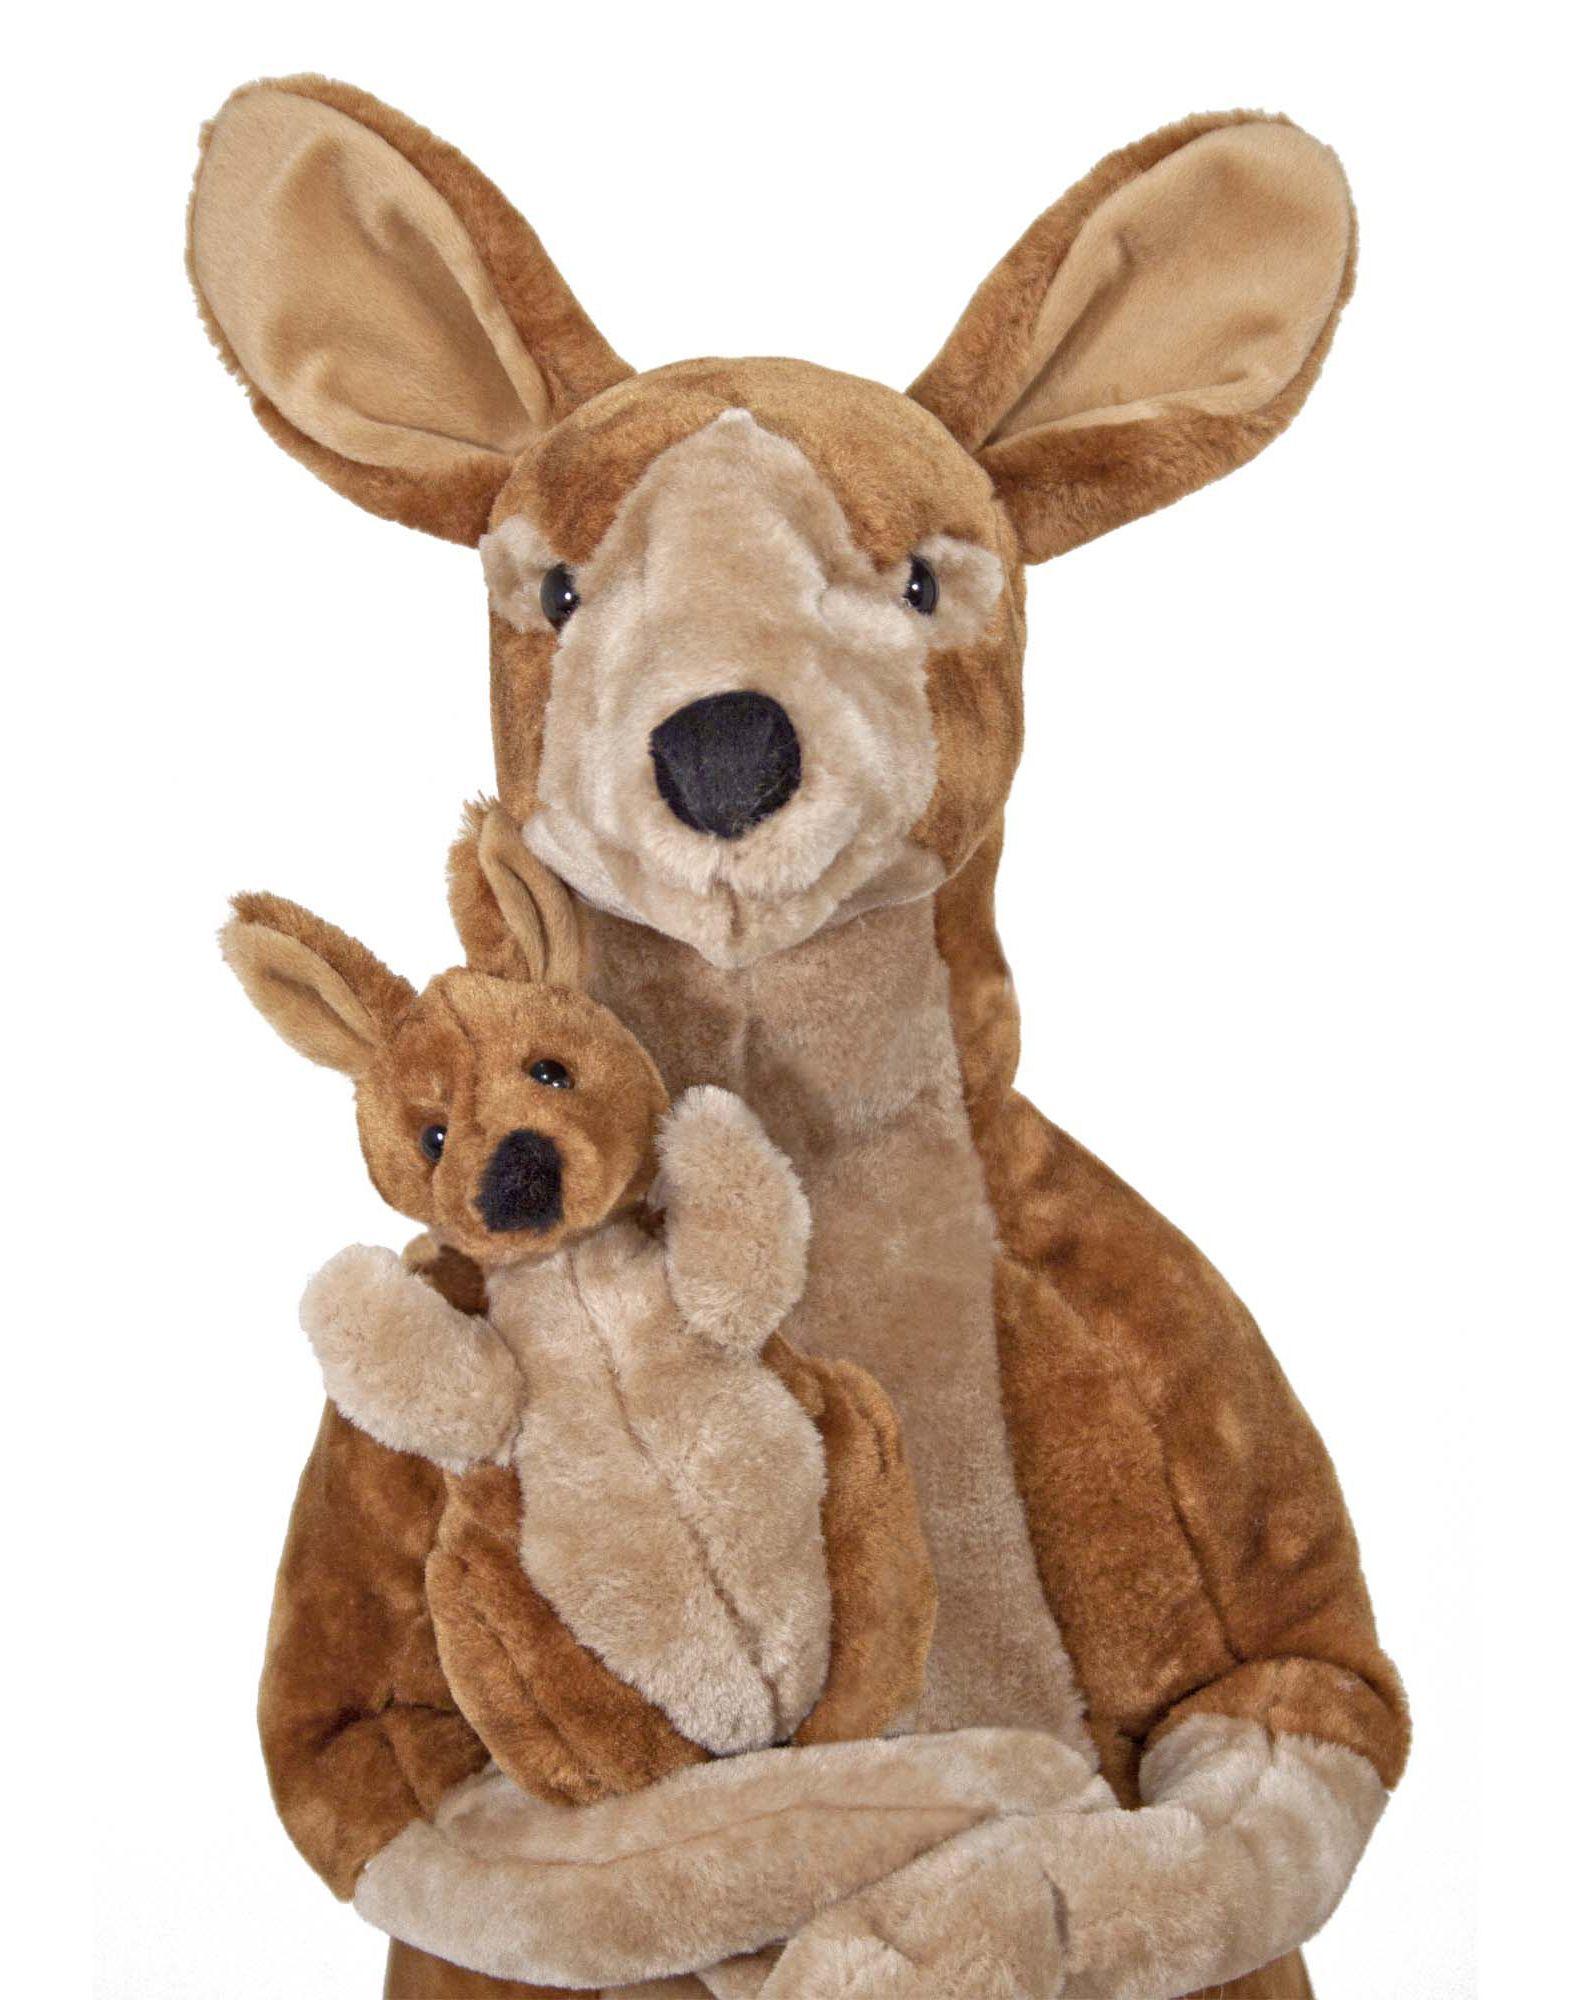 MELISSA & DOUG Куклы и мягкие игрушки мягкие игрушки